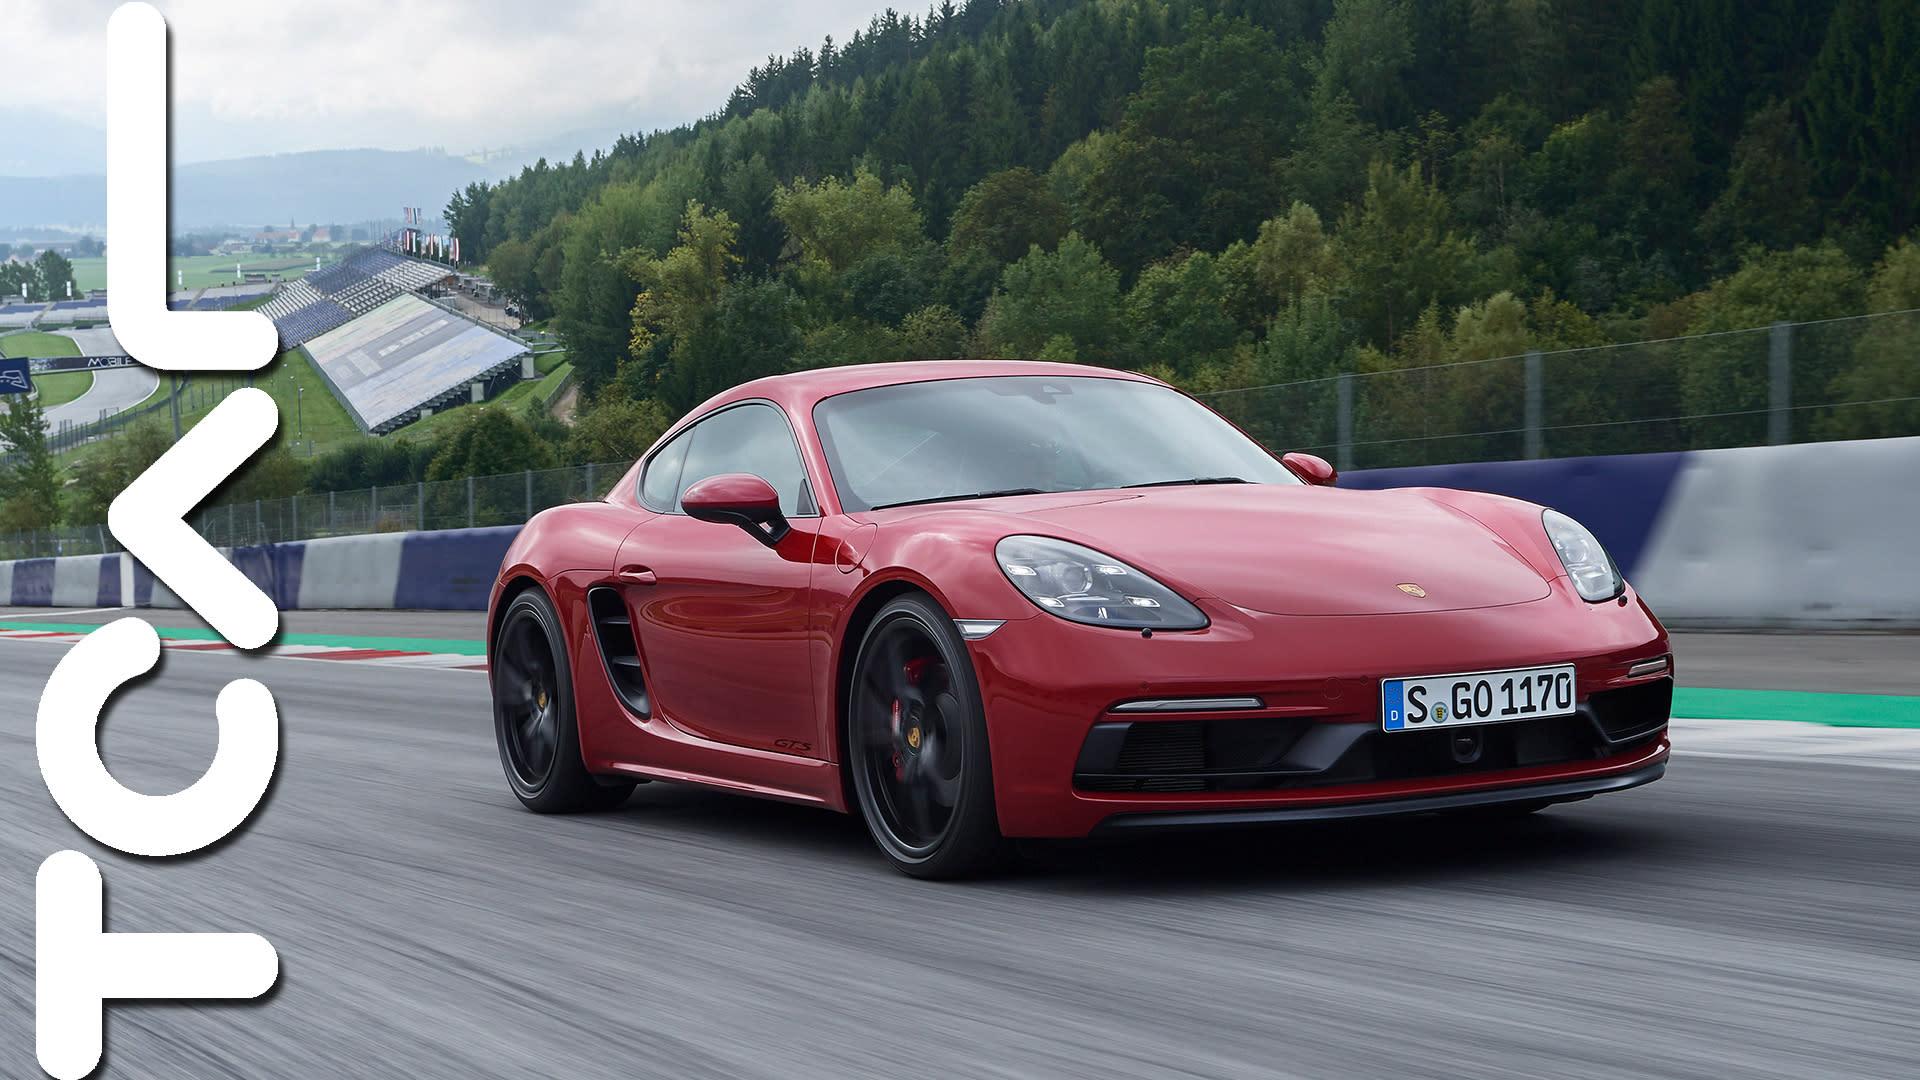 一次到位的樂趣選擇 Porsche 718 Boxster & Cayman GTS 海外試駕 - TCAR